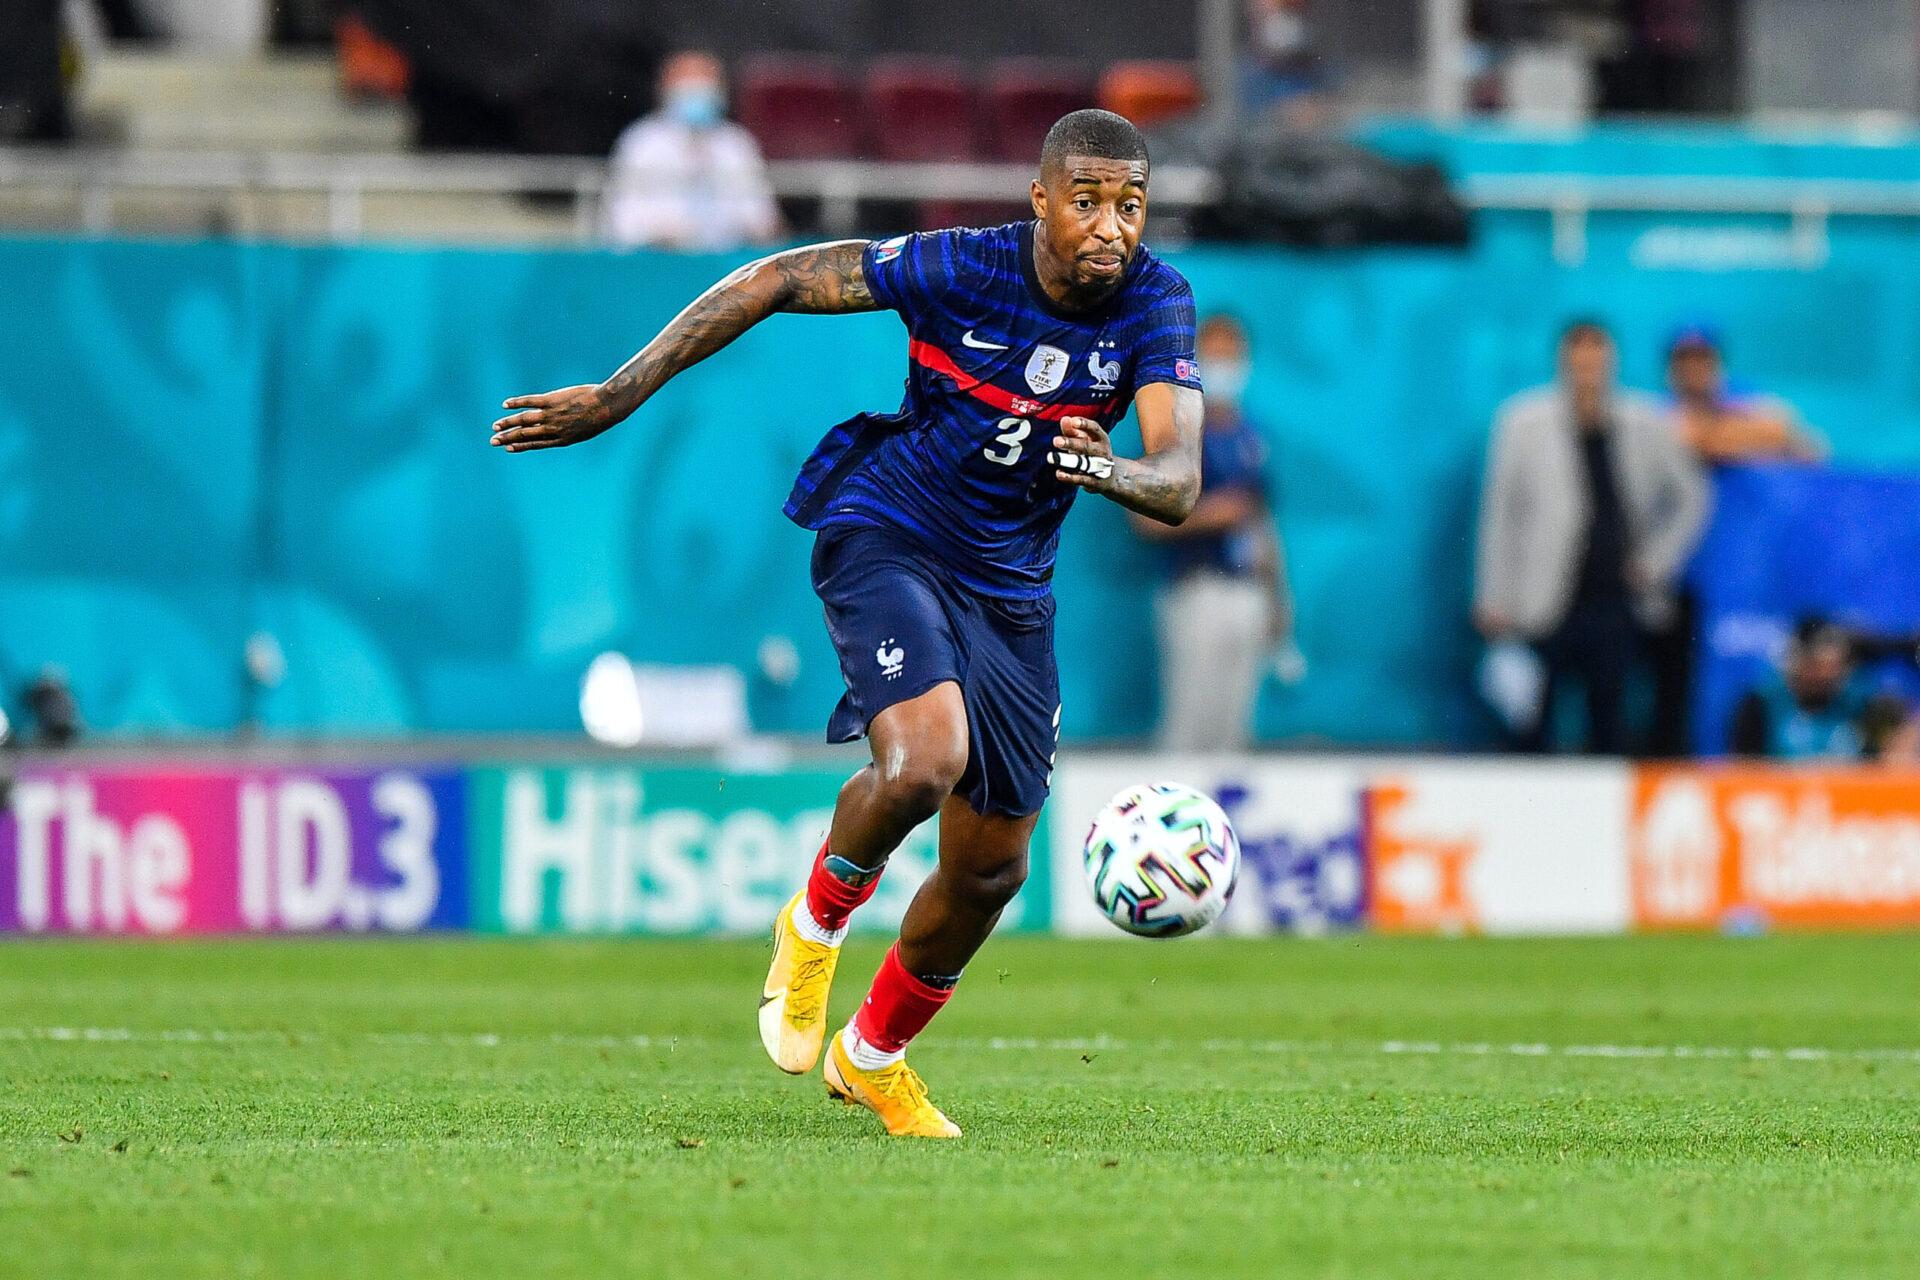 Presnel Kimpembe portant le maillot des Bleus (Icon Sport)